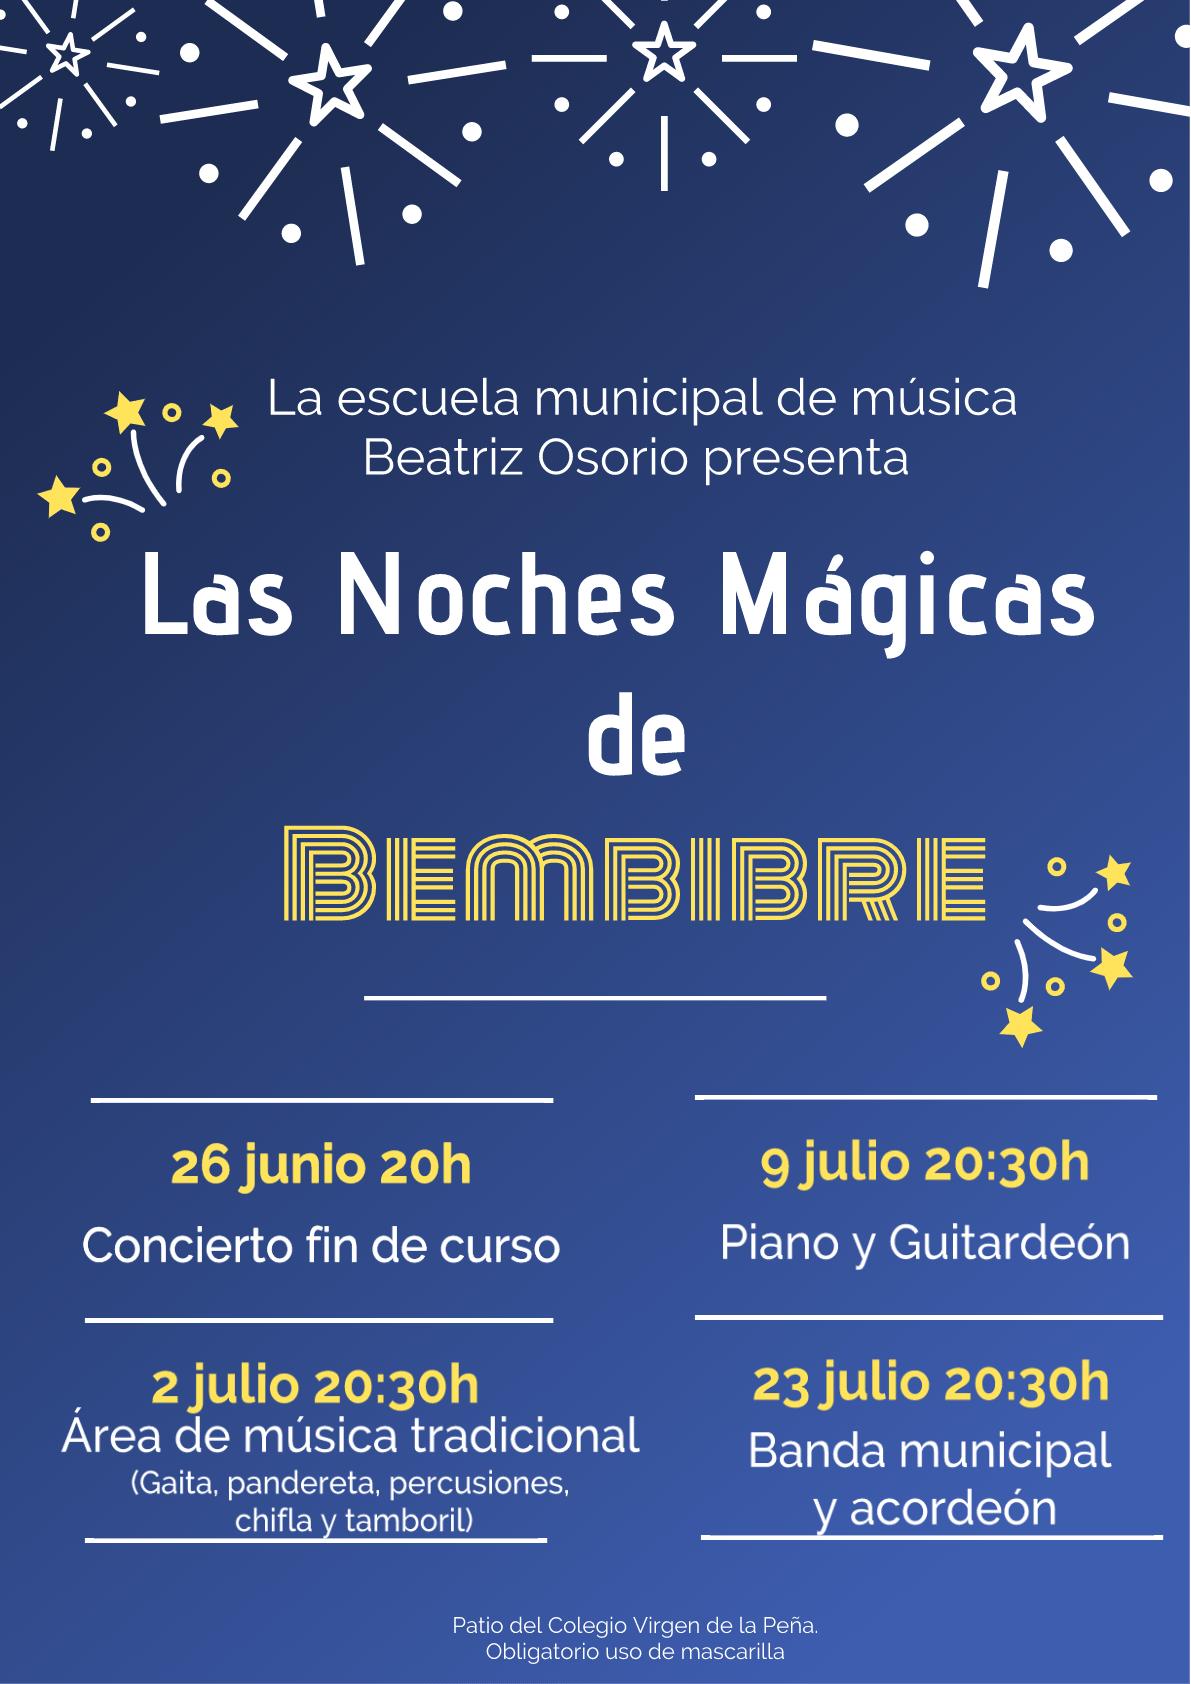 Bembibre organiza las Noches Mágicas con música de los alumnos de la escuela municipal Beatriz Osorio 2